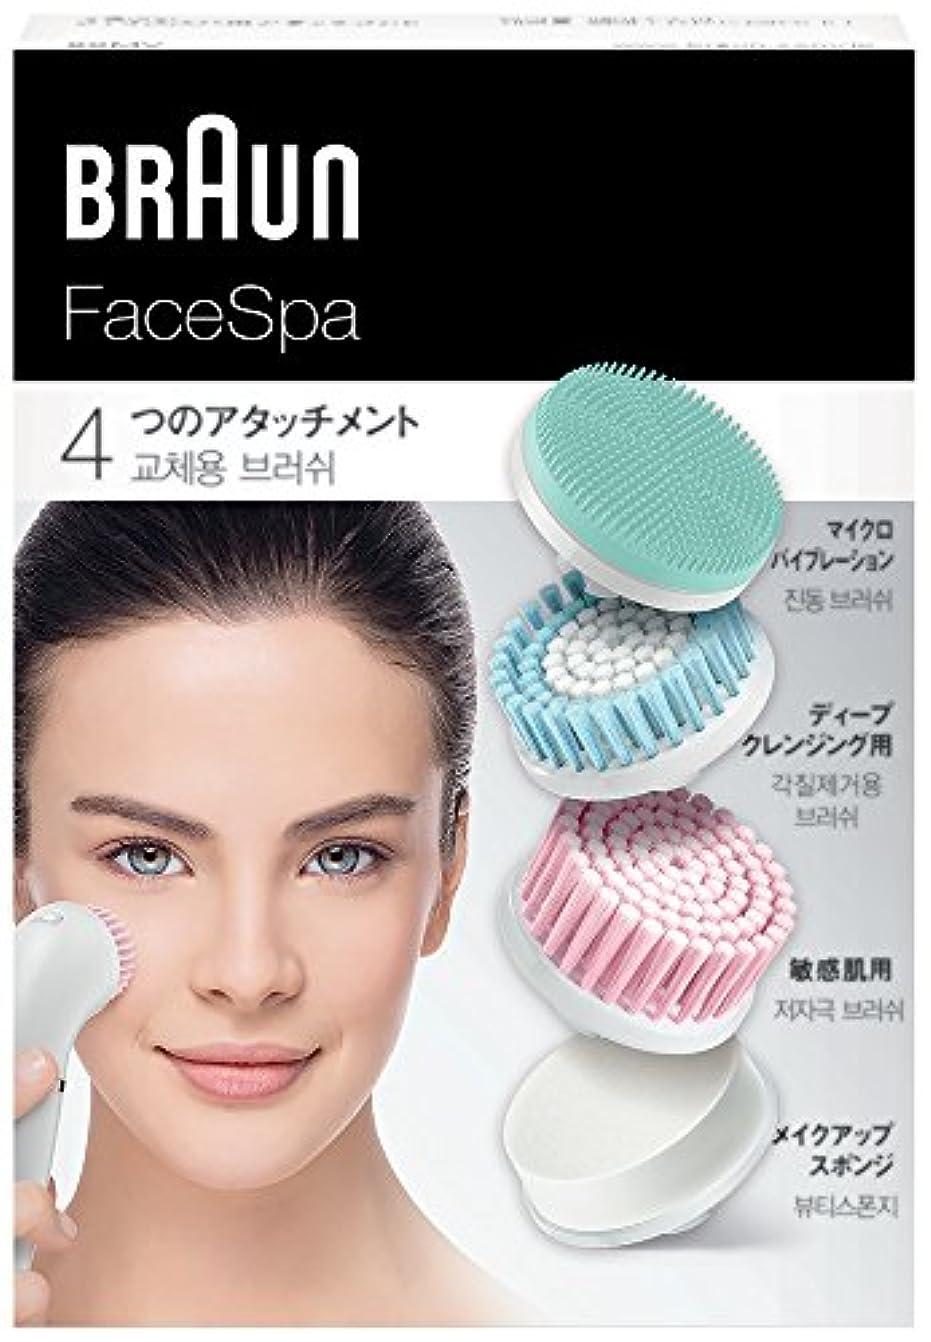 弁護人小間遺伝子ブラウン 洗顔ブラシ 顔用脱毛器(ブラウンフェイス)用 4種詰め合わせ 80-MV